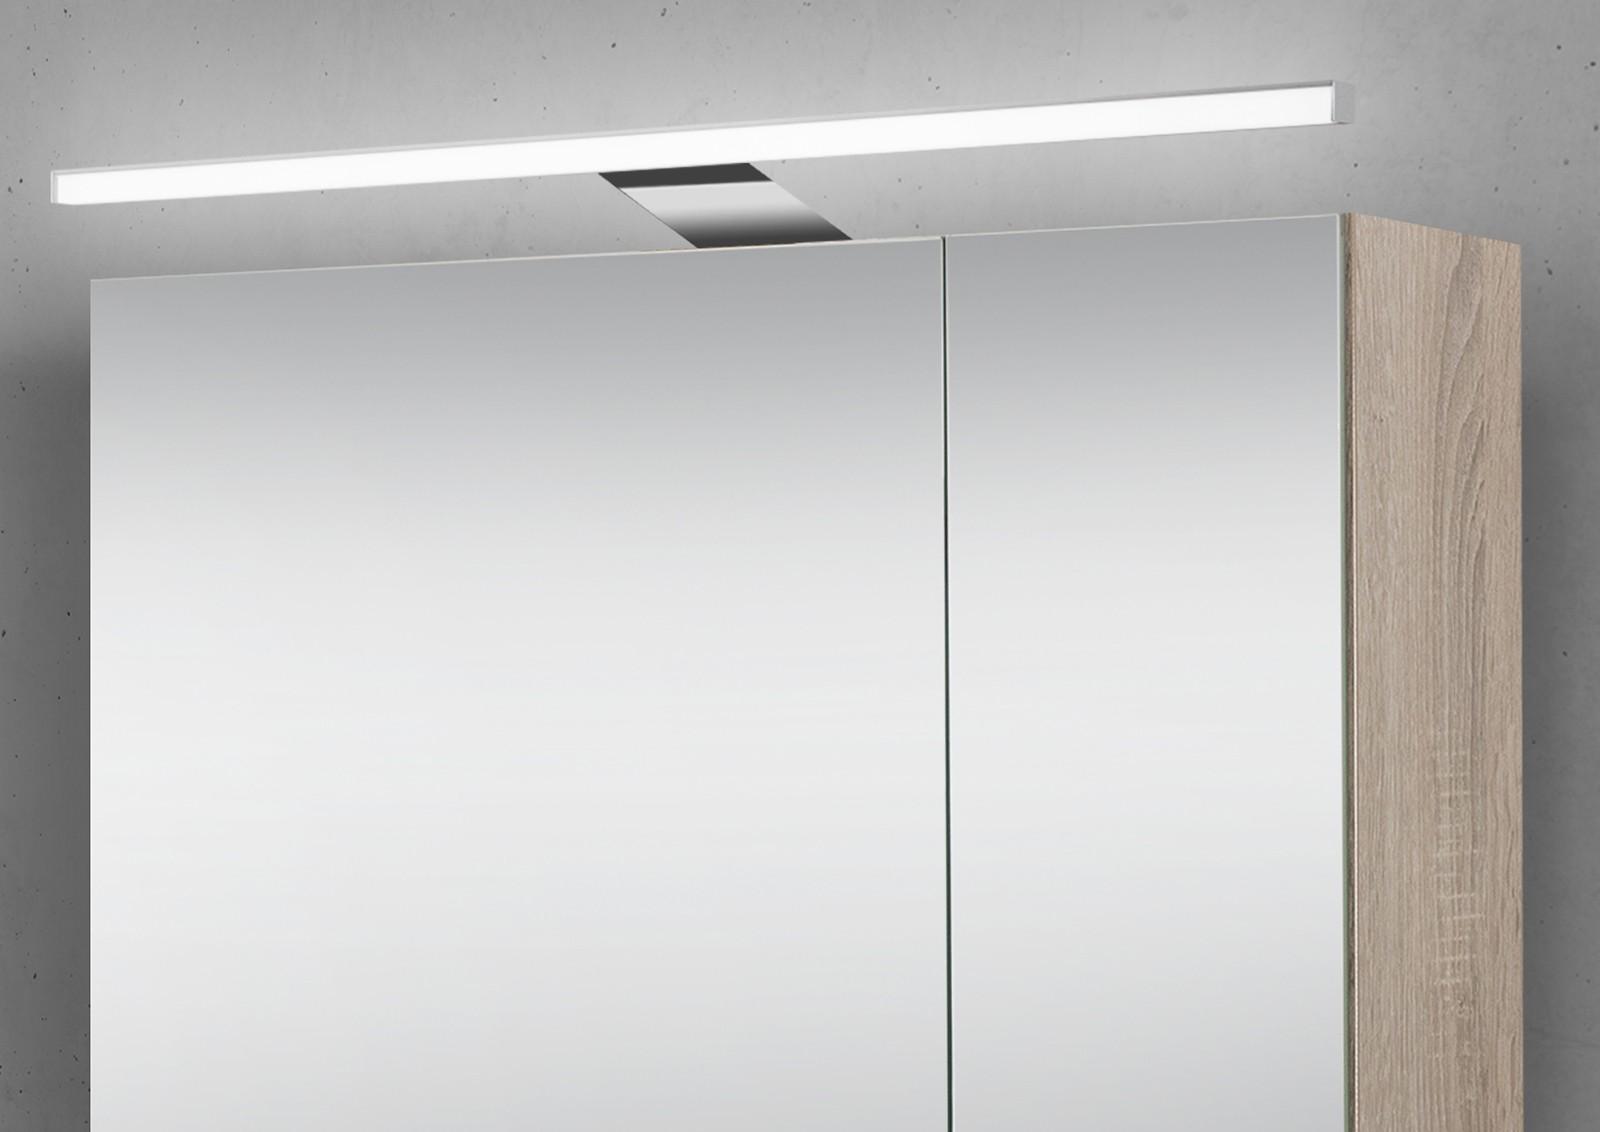 spiegelschrank 70 cm led beleuchtung doppelt verspiegelt. Black Bedroom Furniture Sets. Home Design Ideas